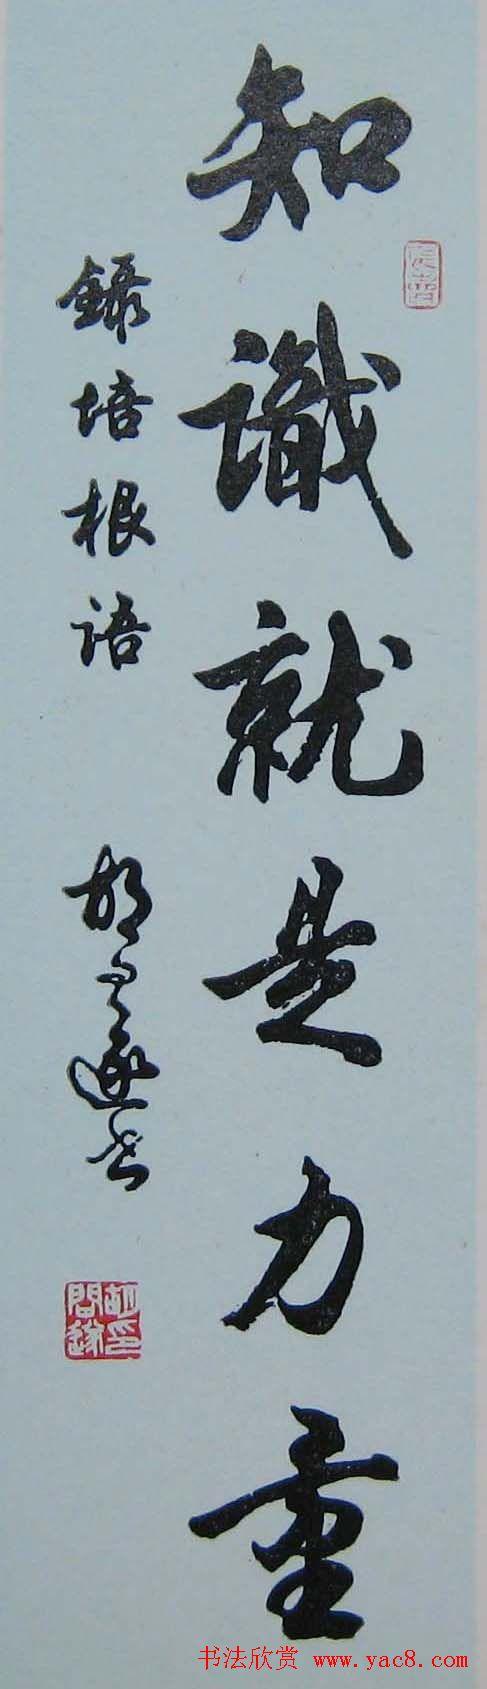 胡问遂书法作品网络展示专辑 第20页 毛笔书法 书法欣赏图片